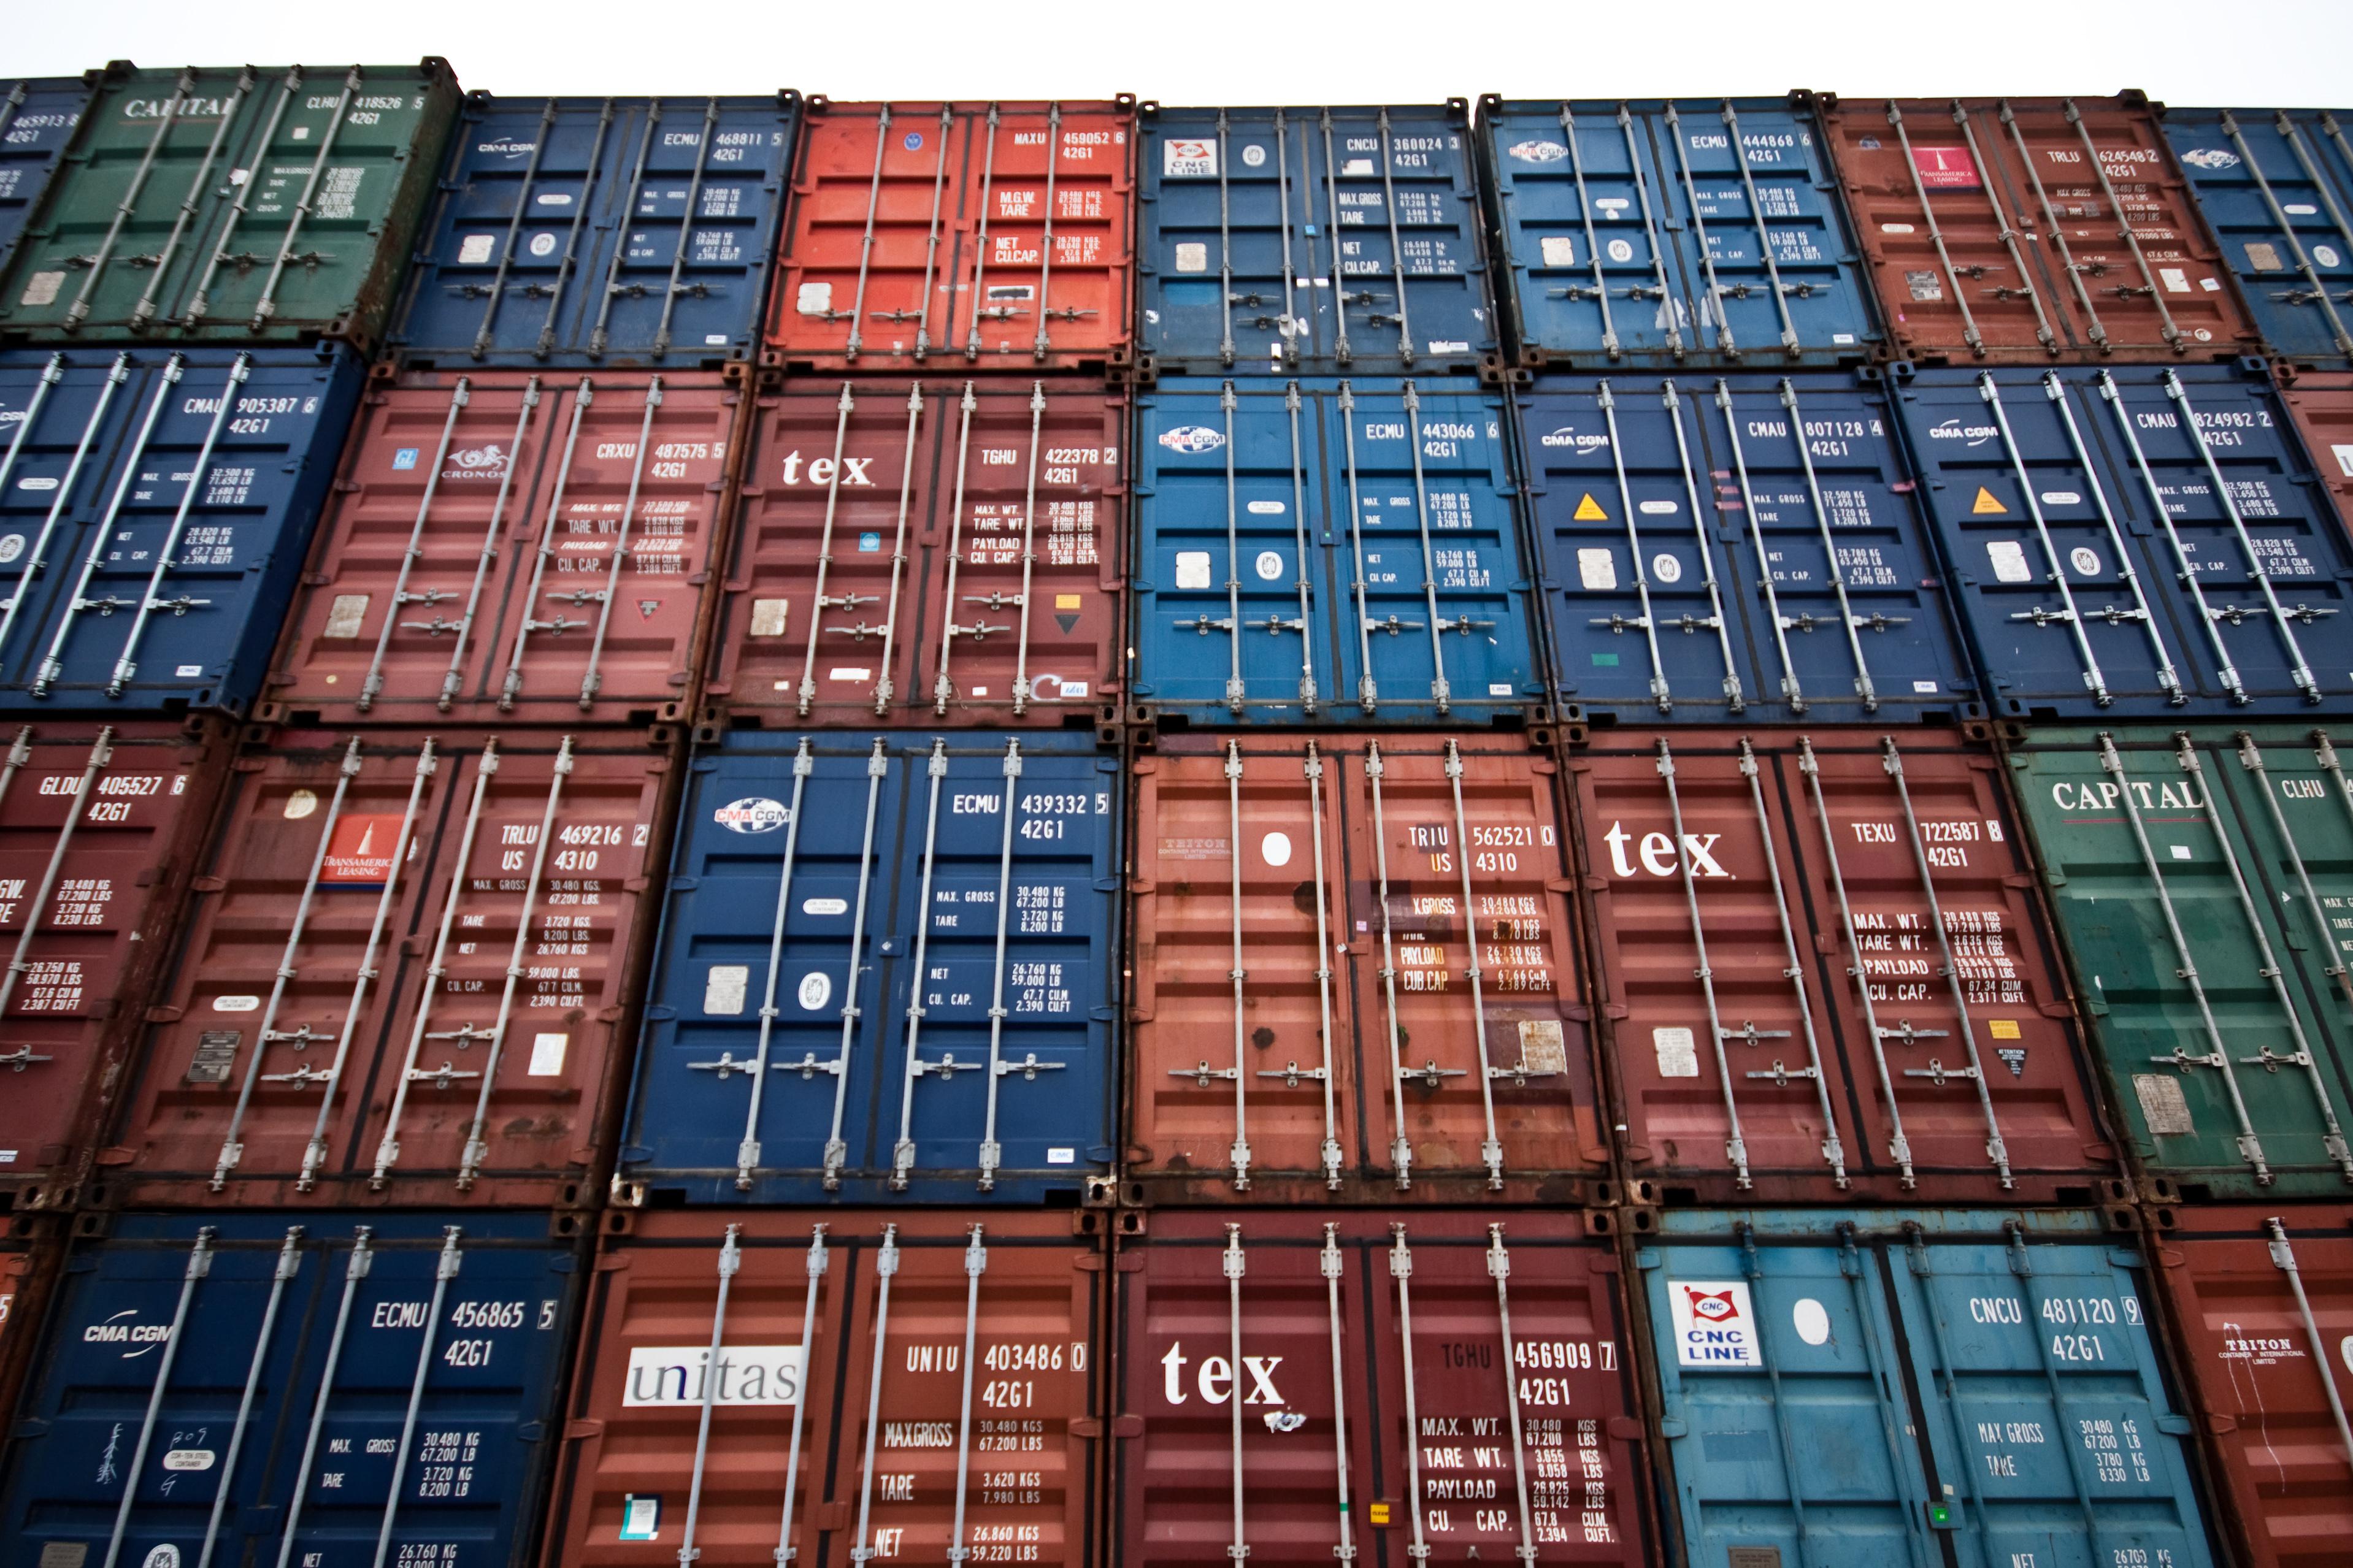 Приемка отправка контейнеров по железной дороге с собственных подъездных путей